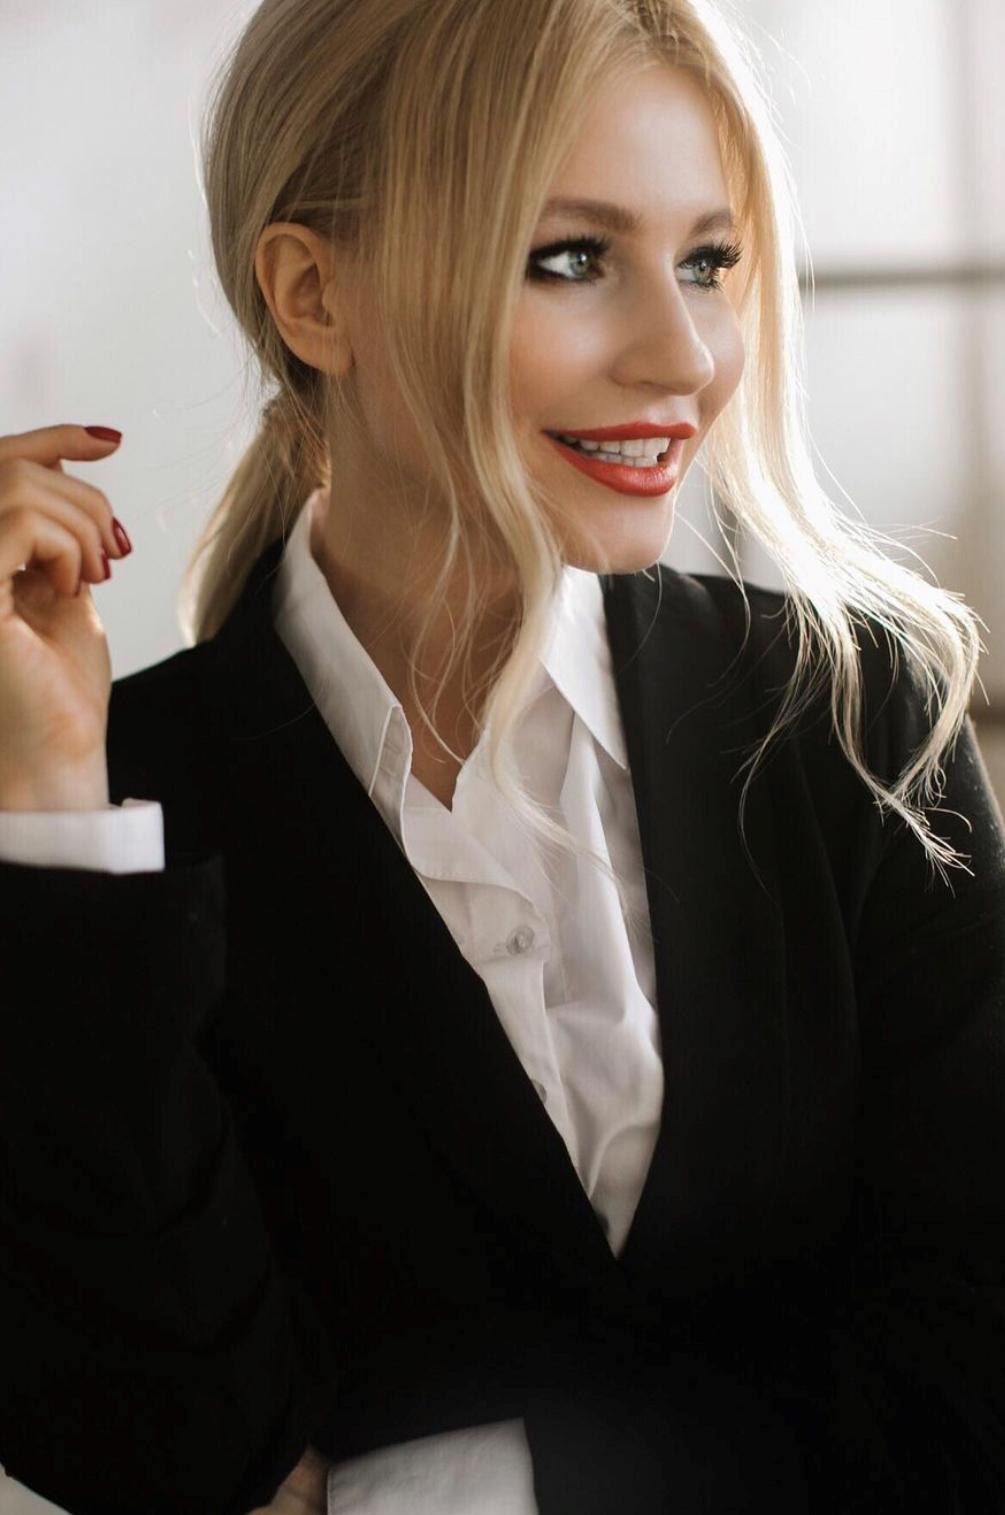 Agence matrimoniale rencontre de Anastassia  femme célibataire de 35 ans, La_Ciotat.